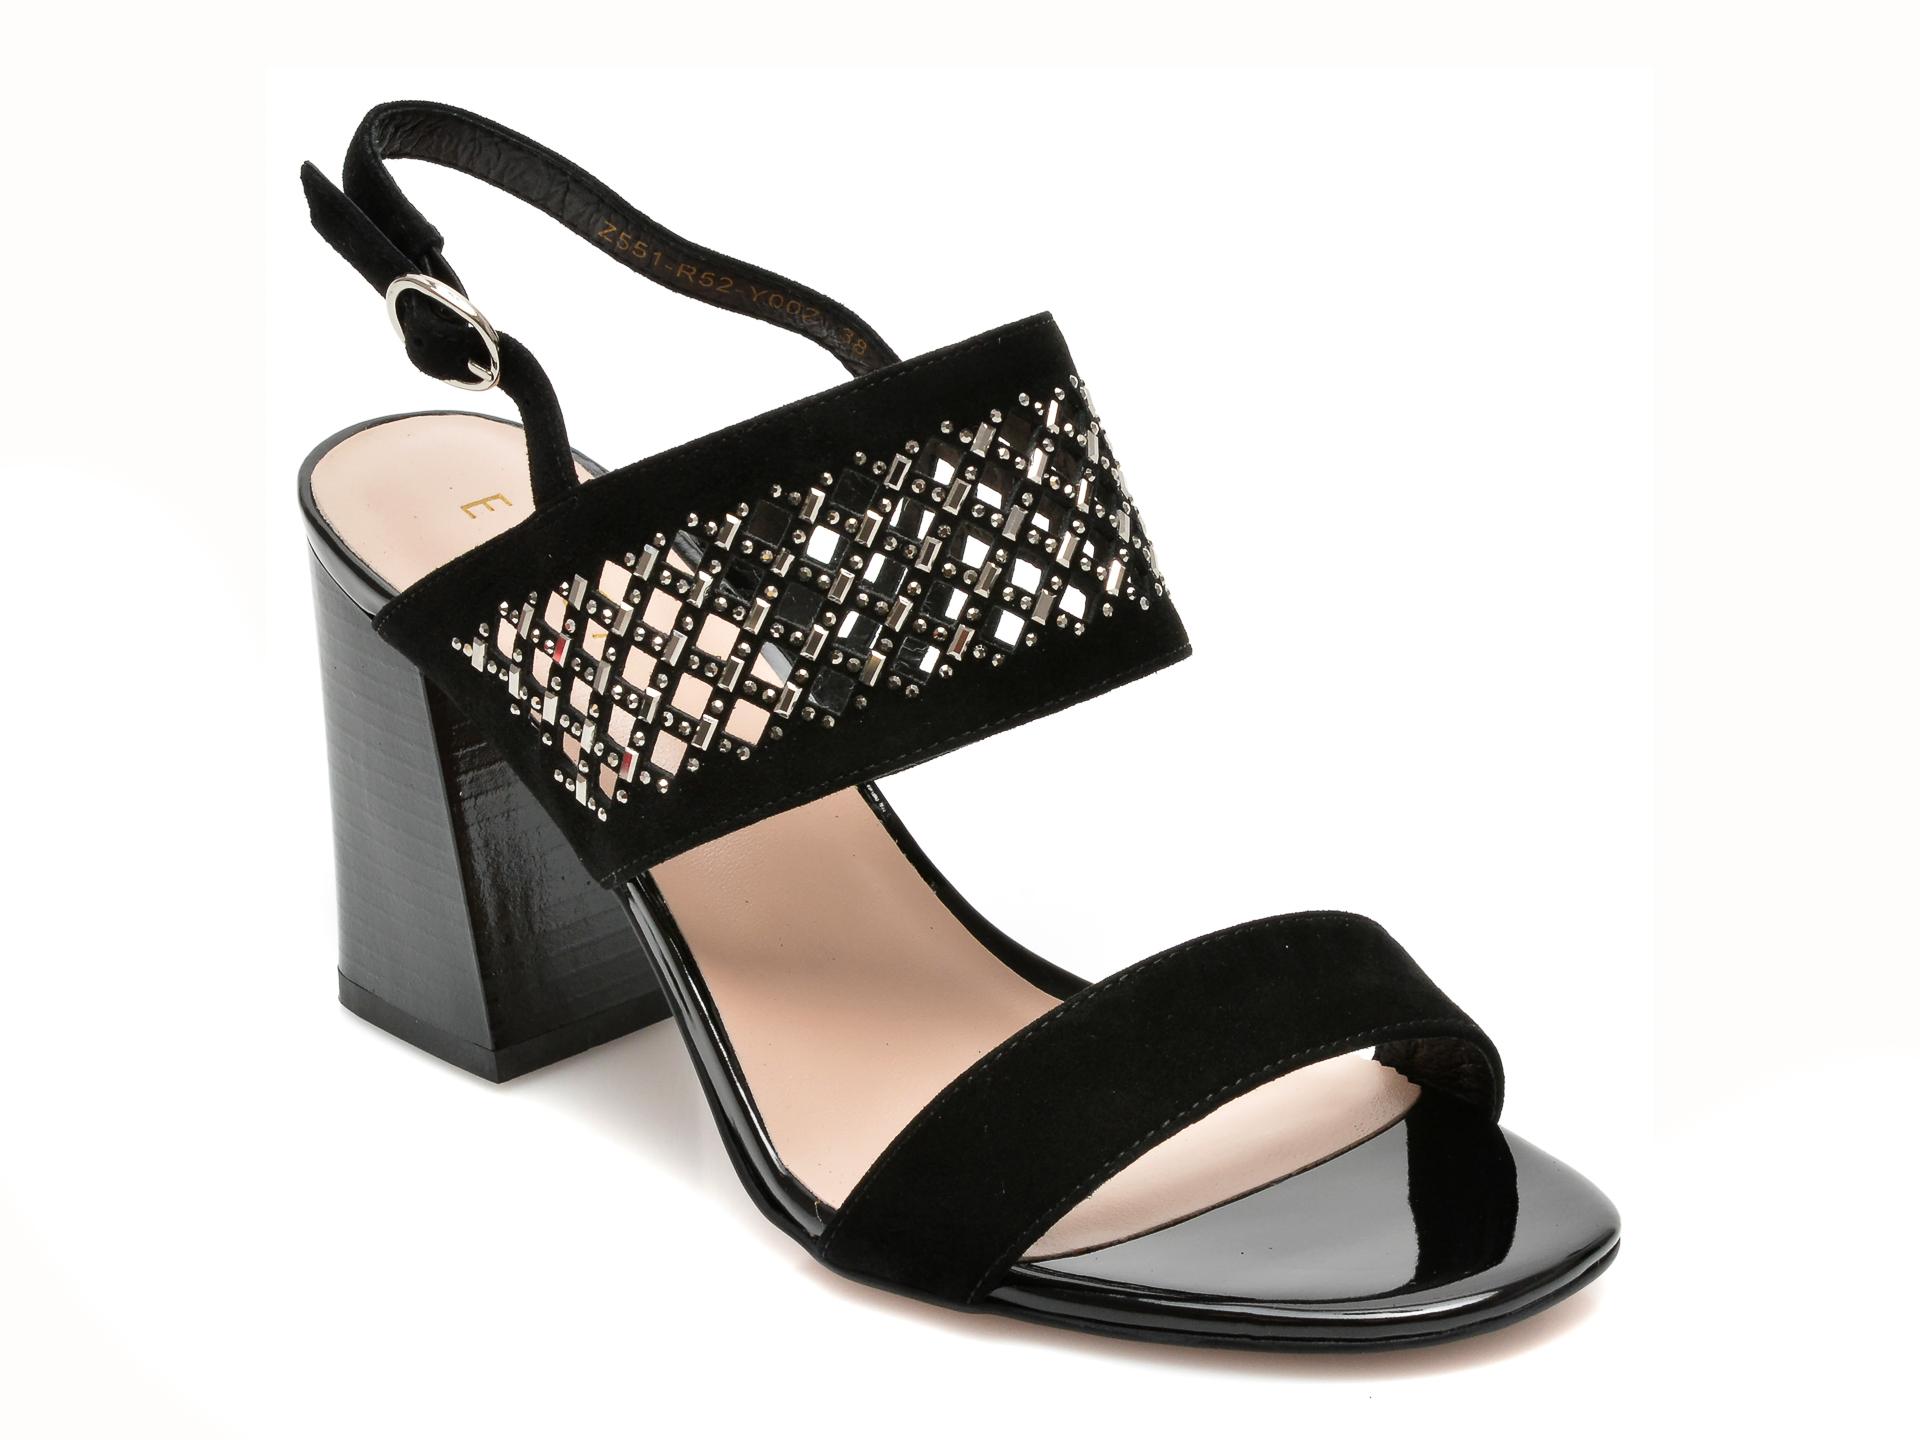 Sandale EPICA negre, Z551R52, din piele intoarsa